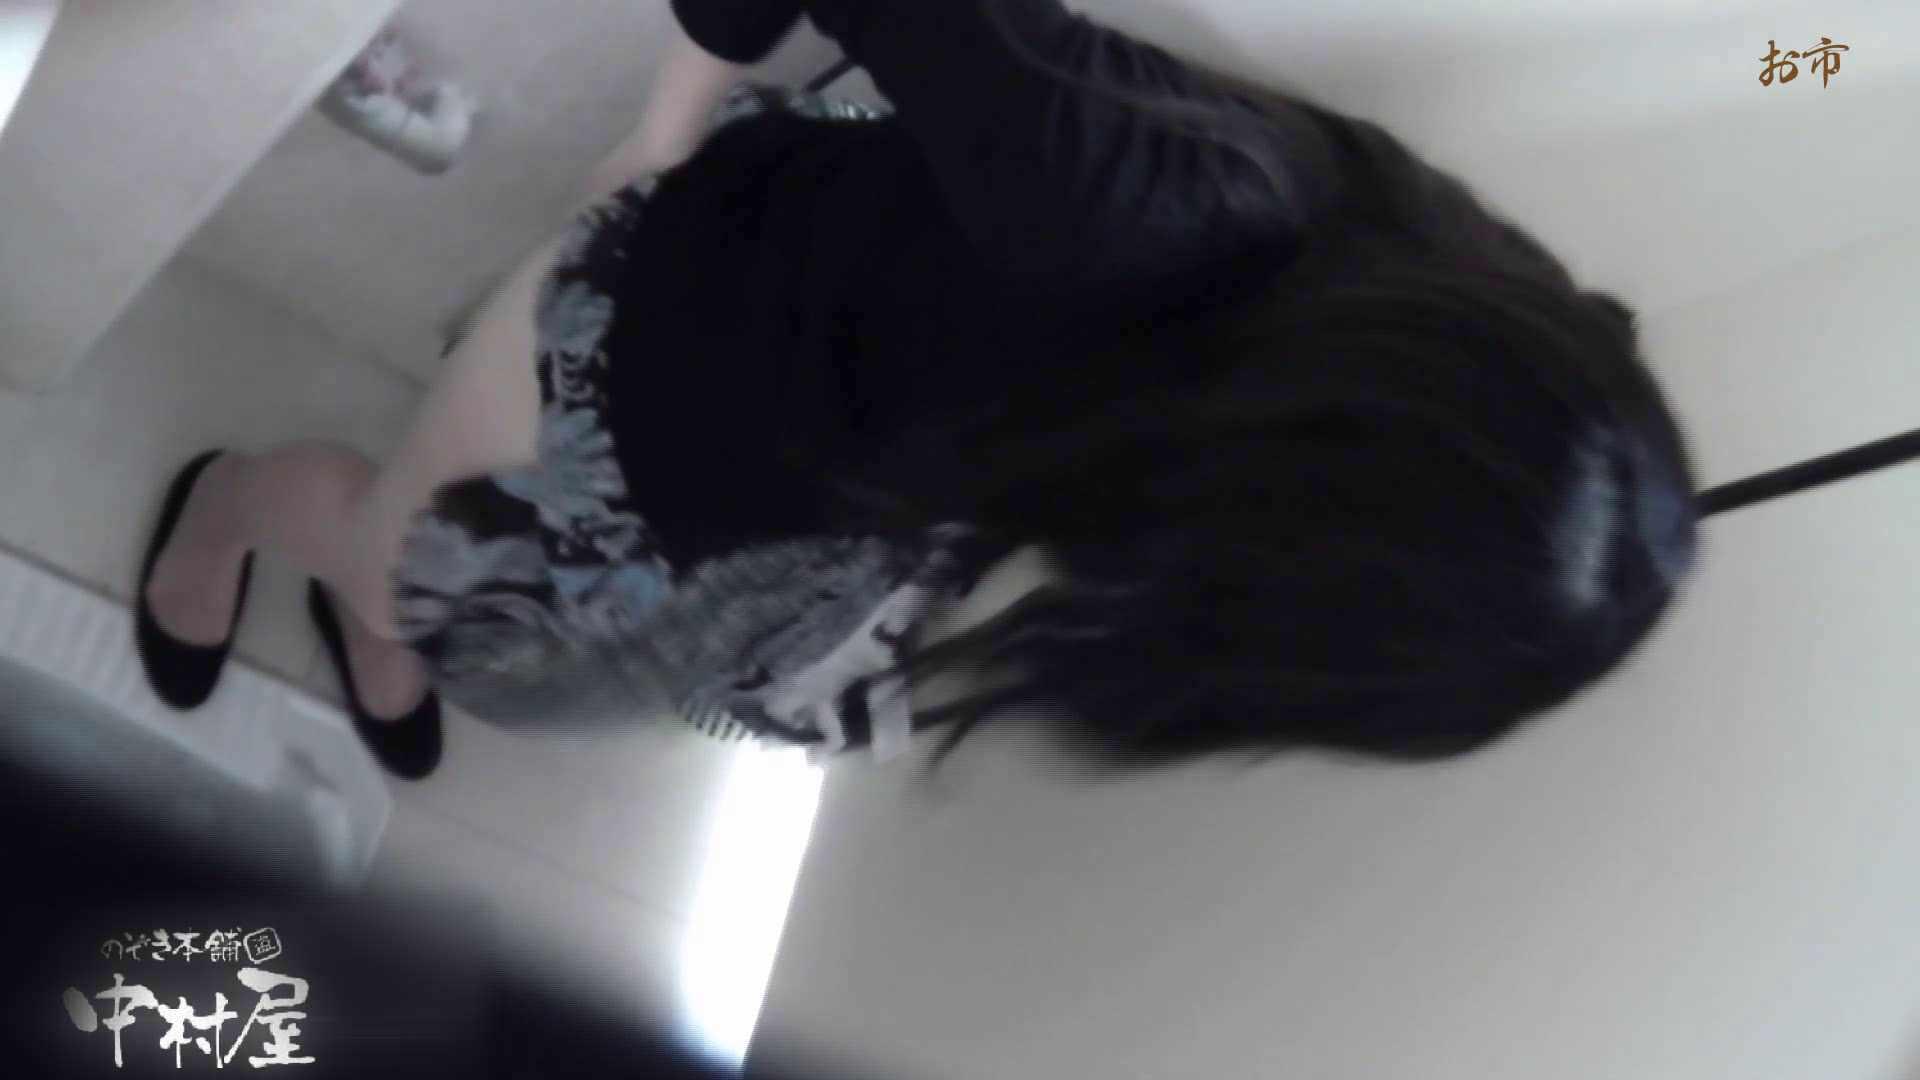 お市さんの「お尻丸出しジャンボリー」No.17 女子トイレ 盗撮セックス無修正動画無料 106PICs 6